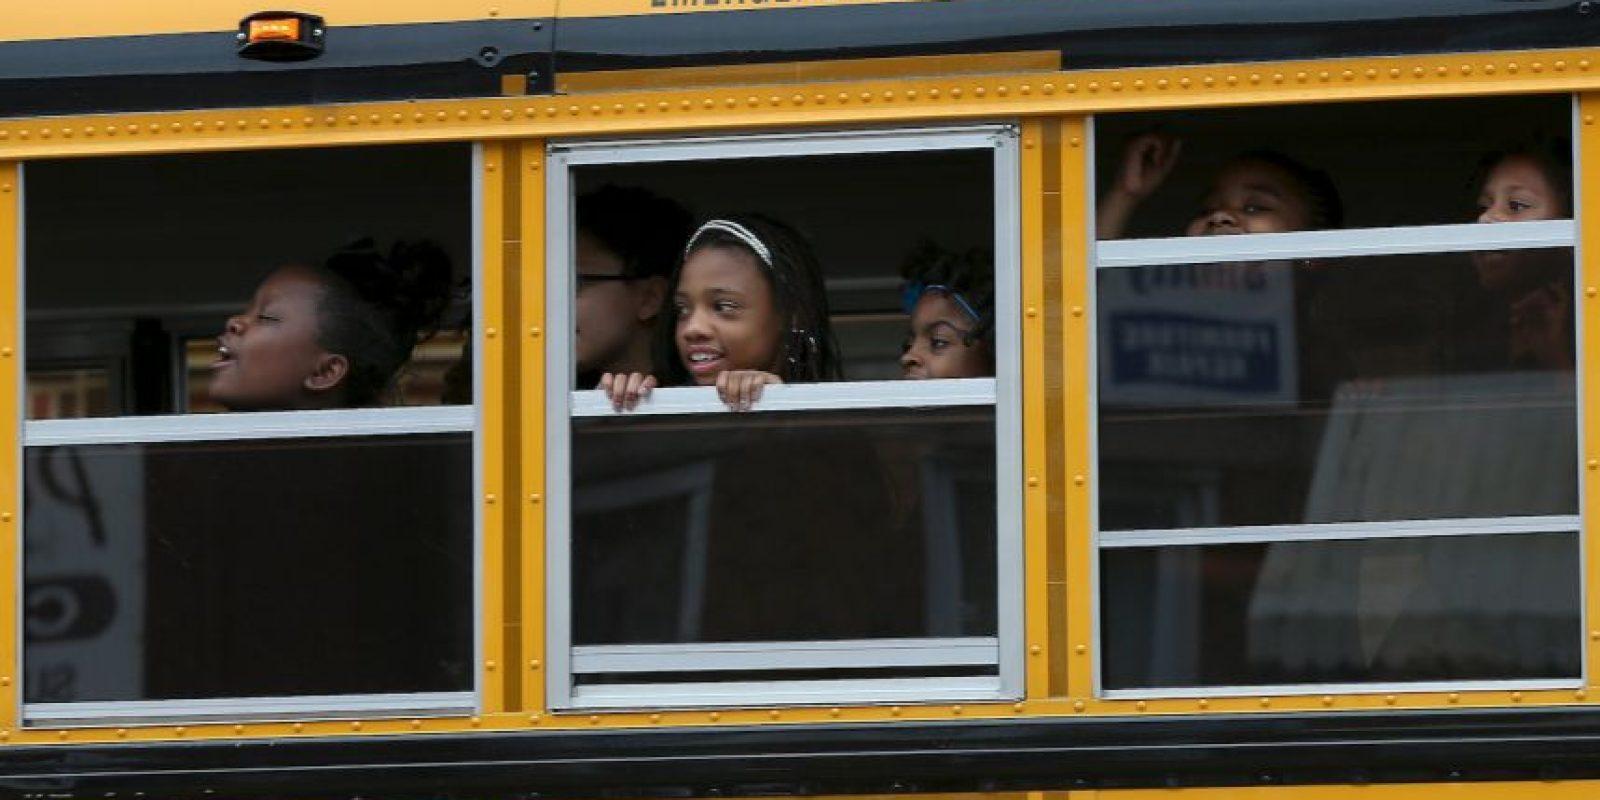 La Unión Estadounidense de Libertades Civiles presentó una demanda contra el oficial argumentando que castigó de la misma manera a otra niña. Foto:Getty Images